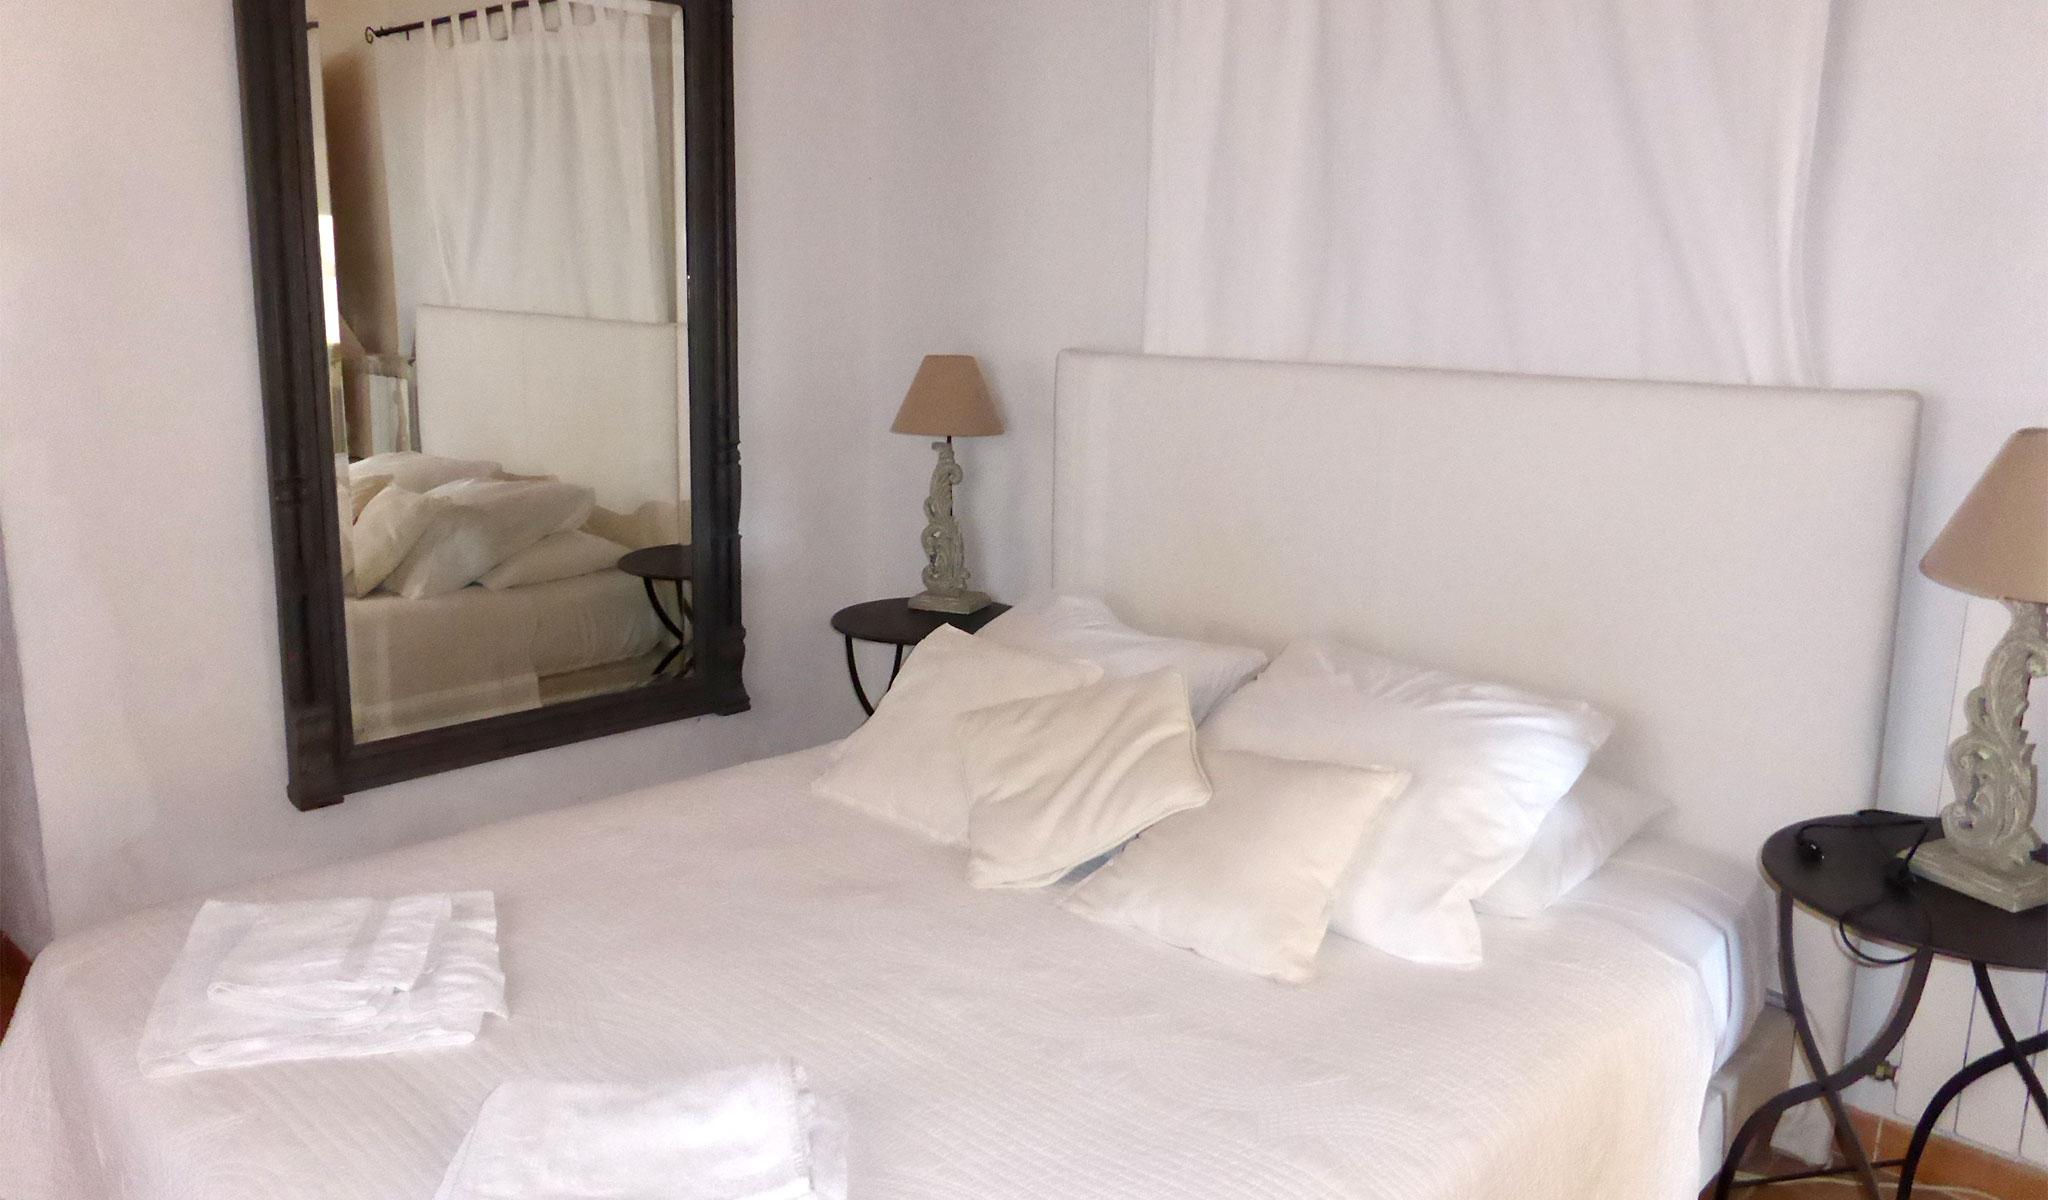 La Maison de Lune bedroom 02